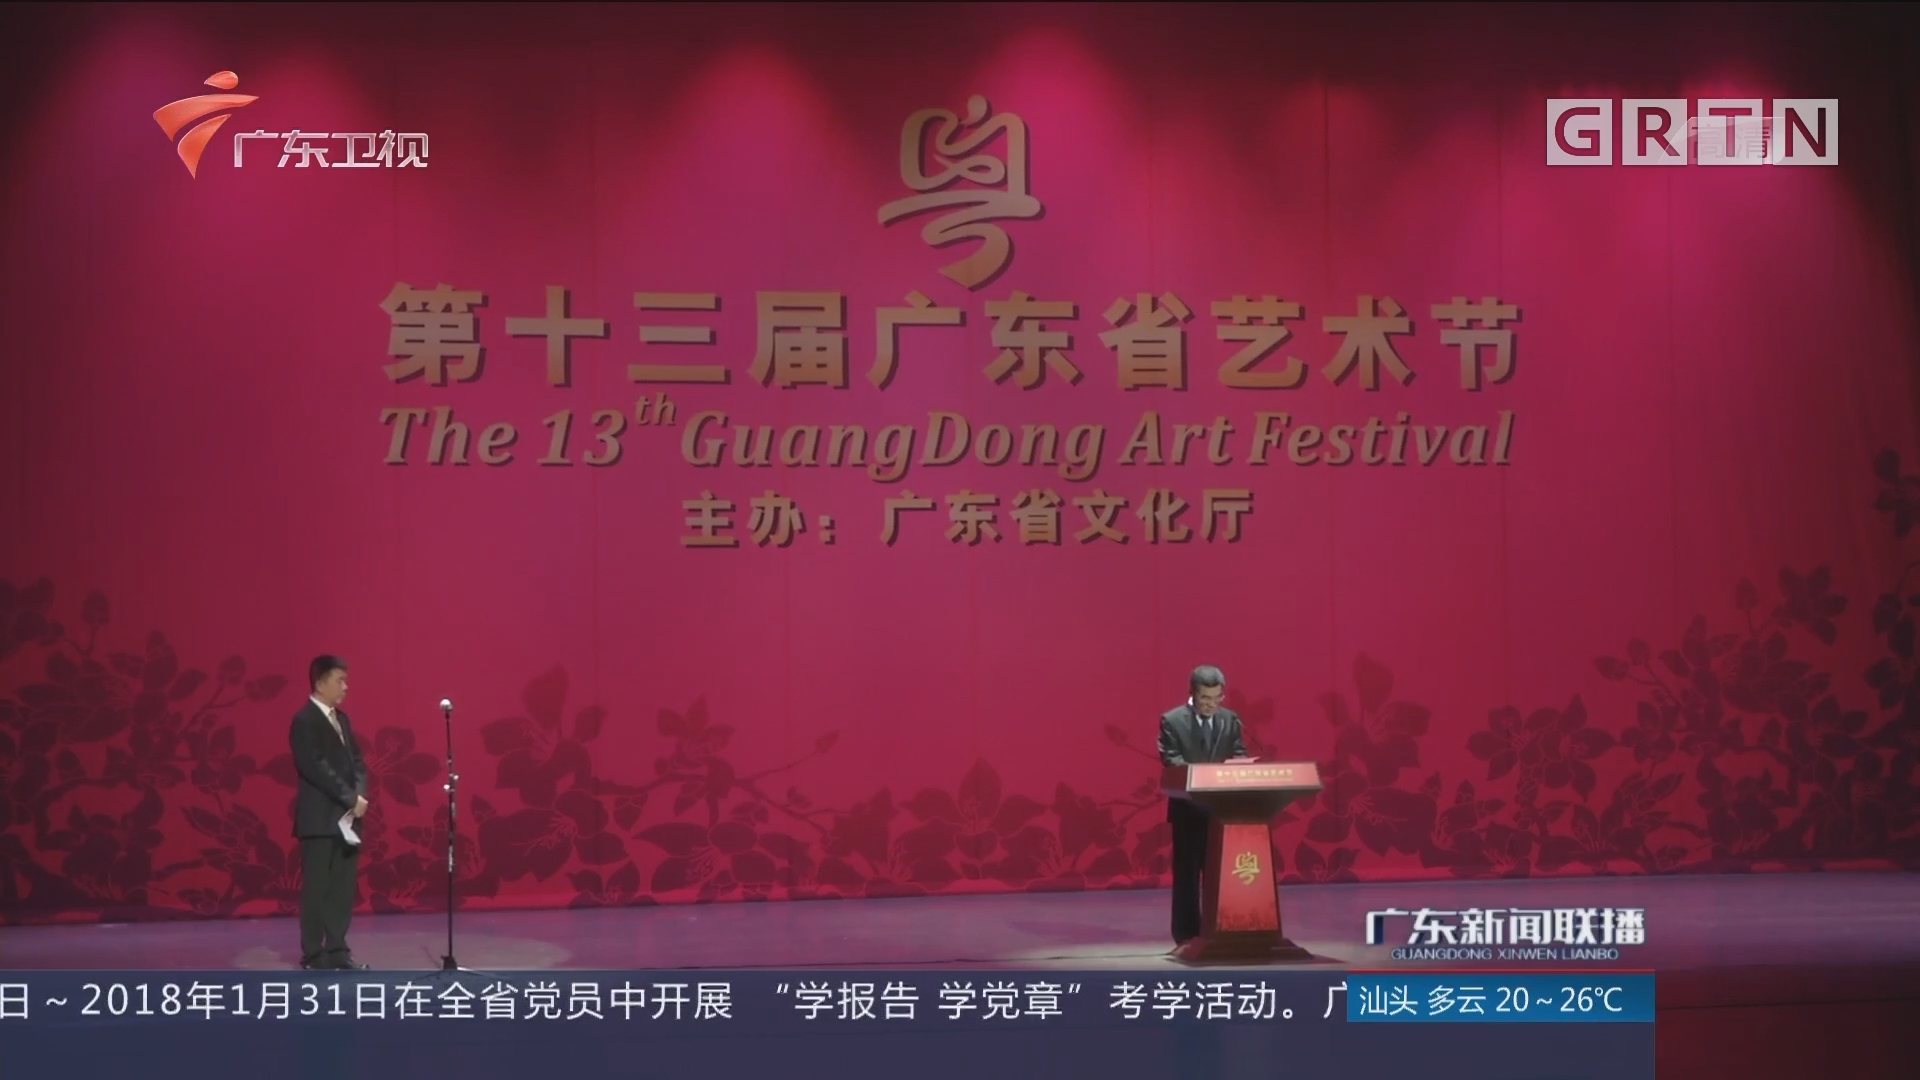 第十三届广东省艺术节昨晚开幕